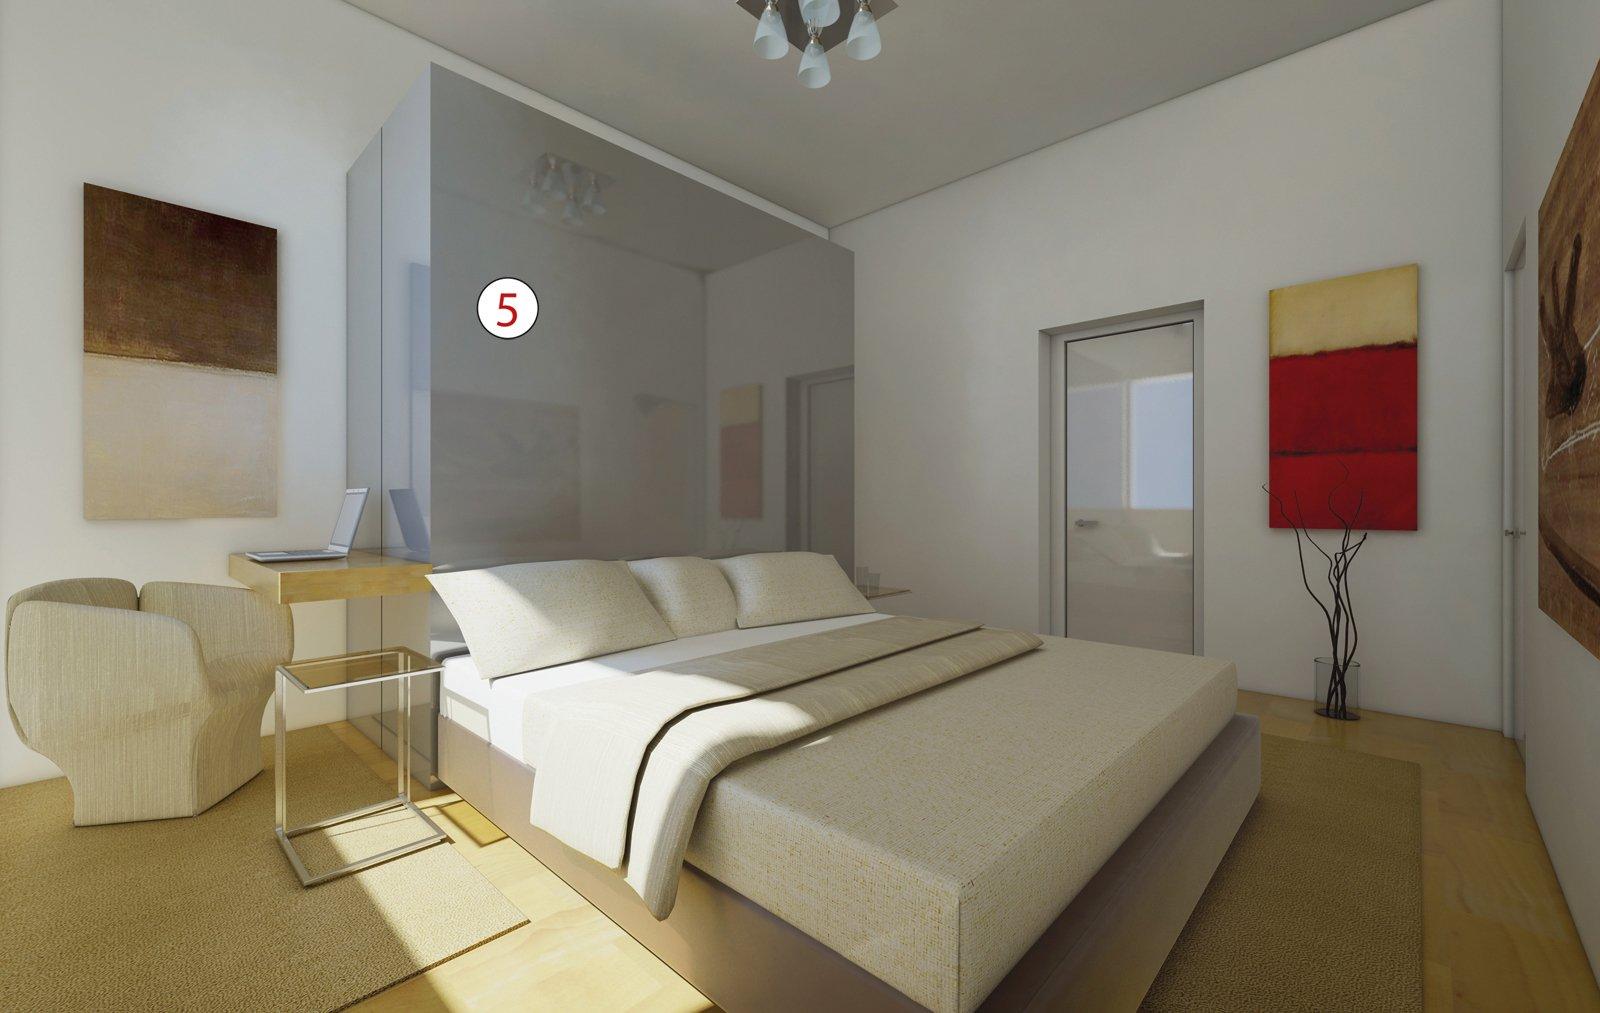 Tante idee per migliorare casa focus sulla zona notte for Testiera letto mercatone uno